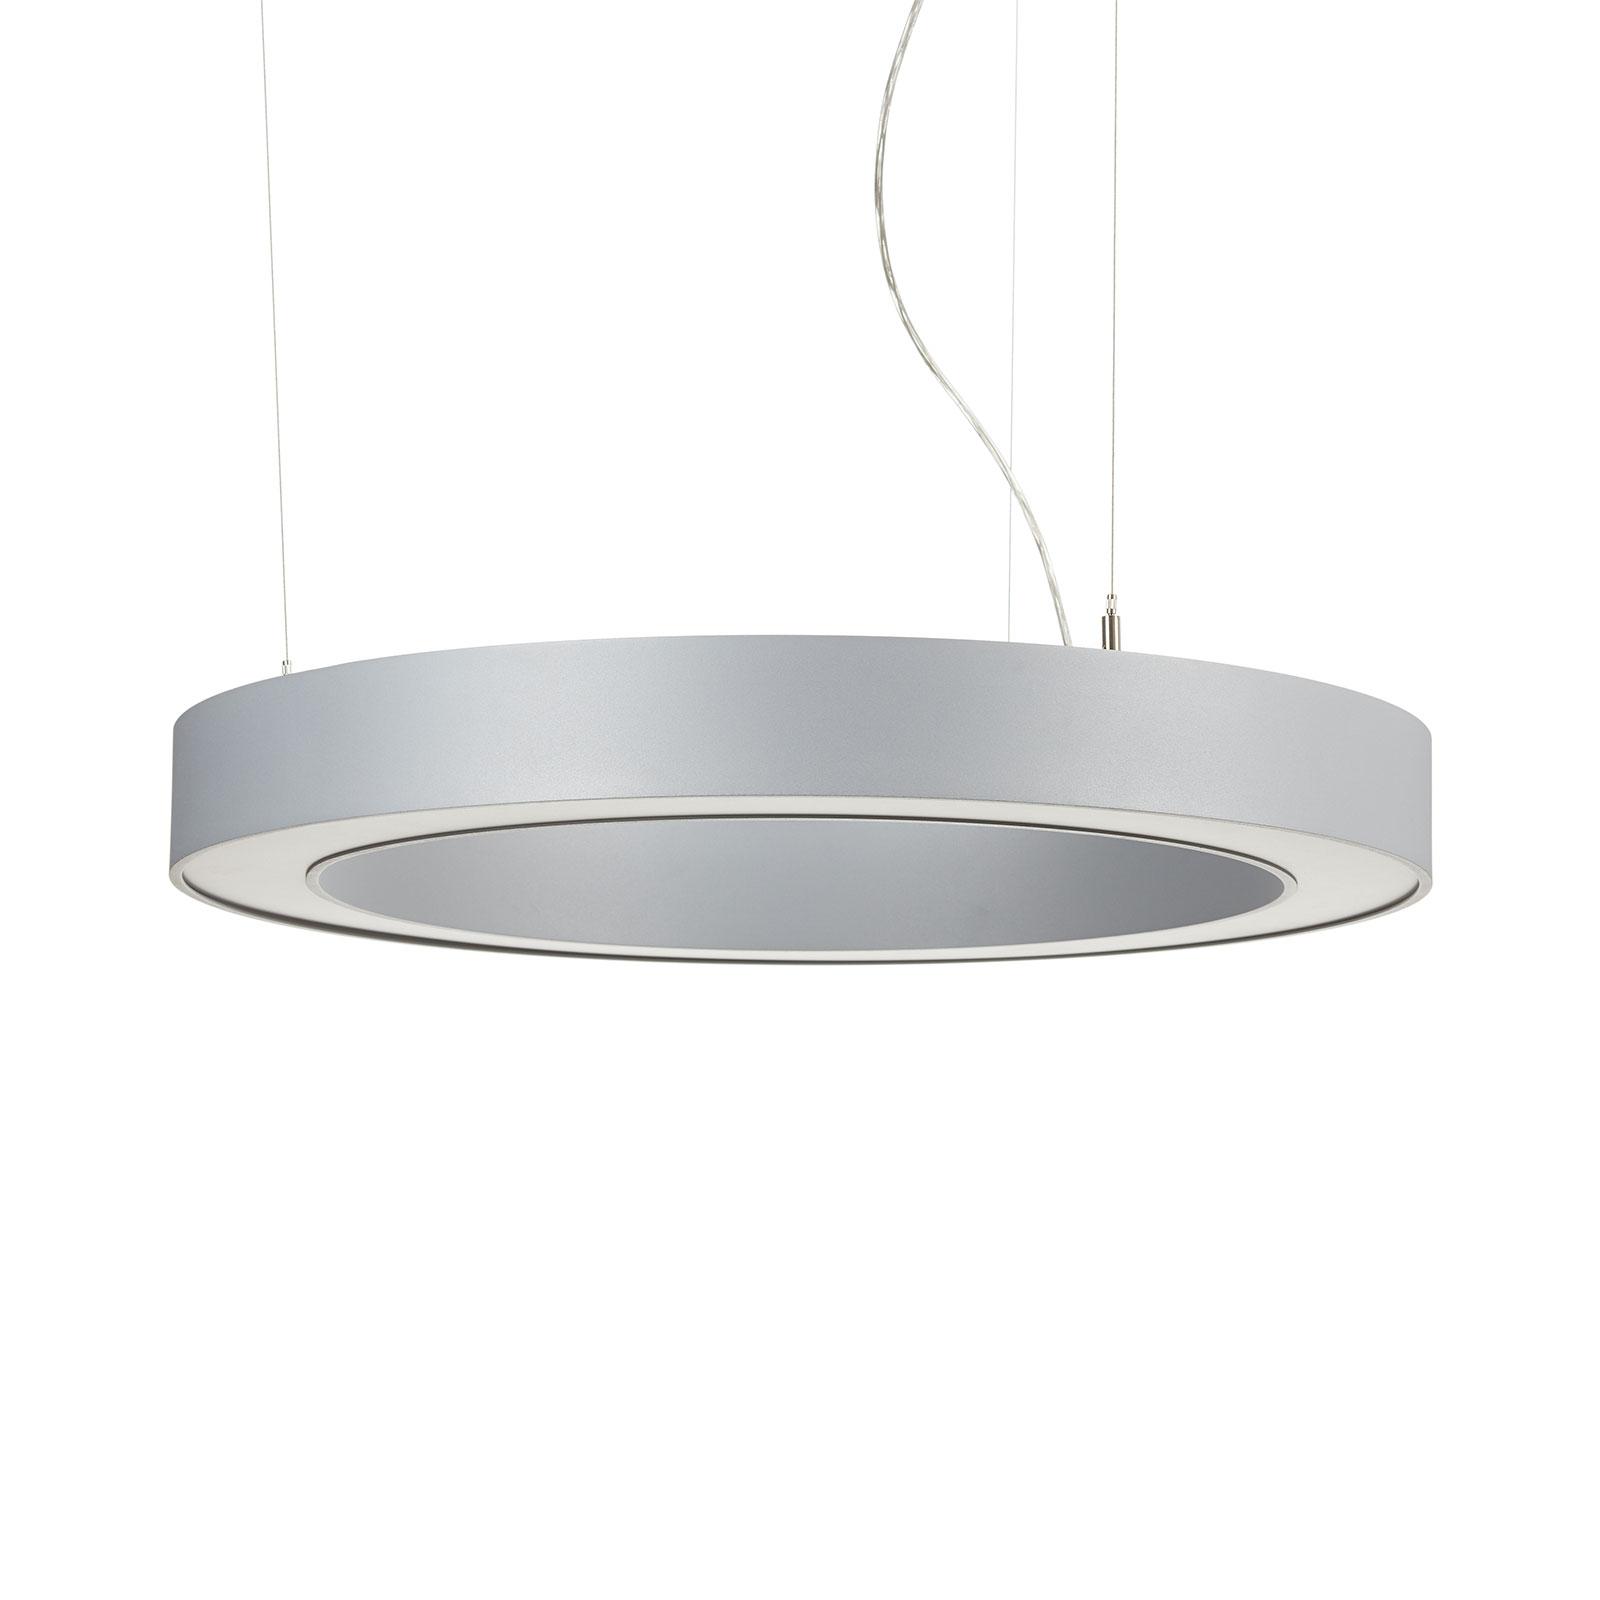 Arcchio Pietro LED-hengelampe sølv 70 cm 45 W